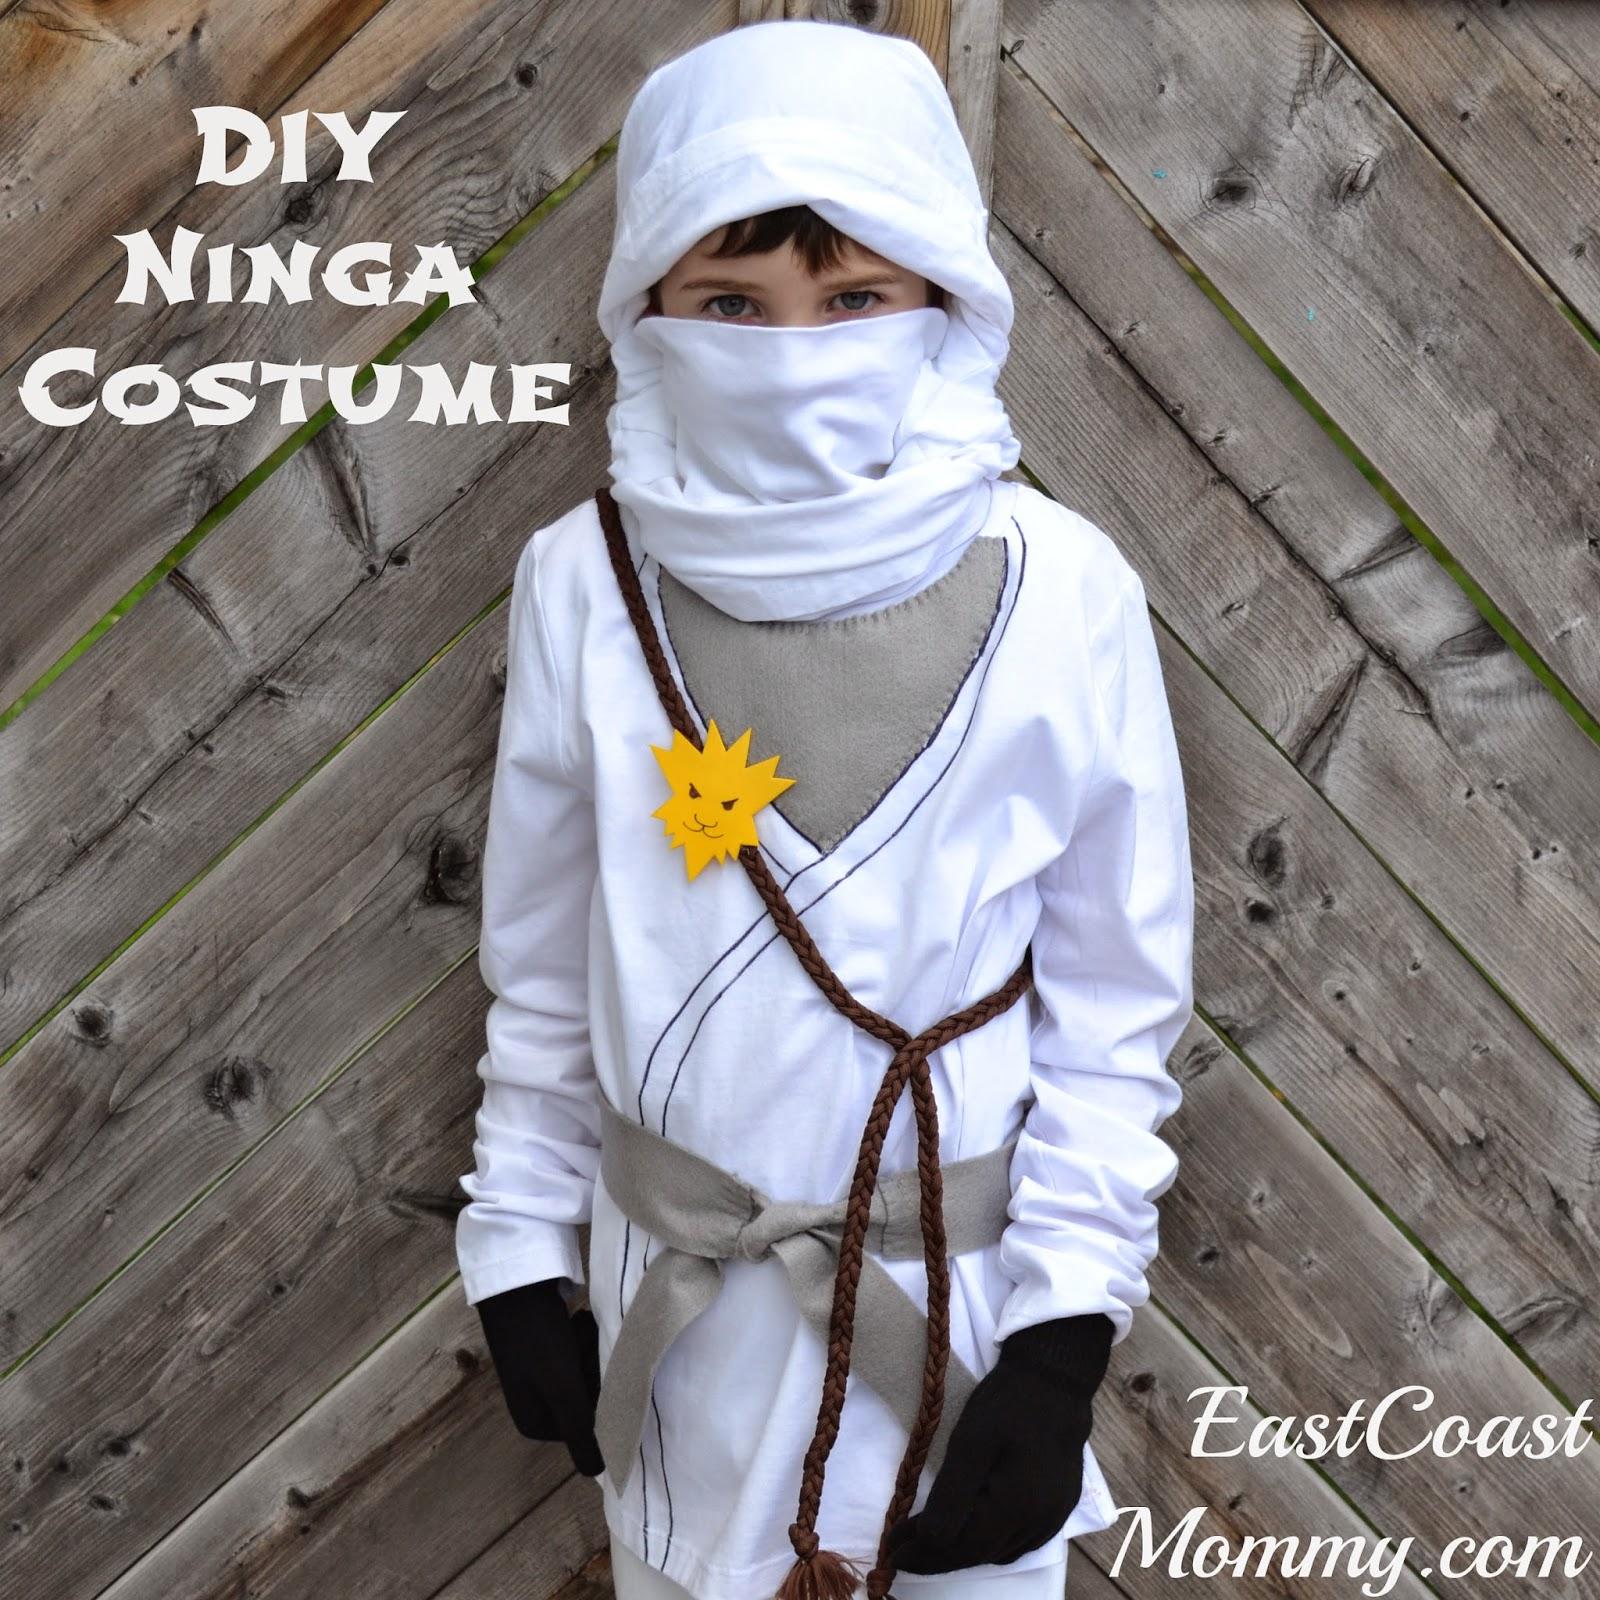 & East Coast Mommy: DIY Ninja Costume